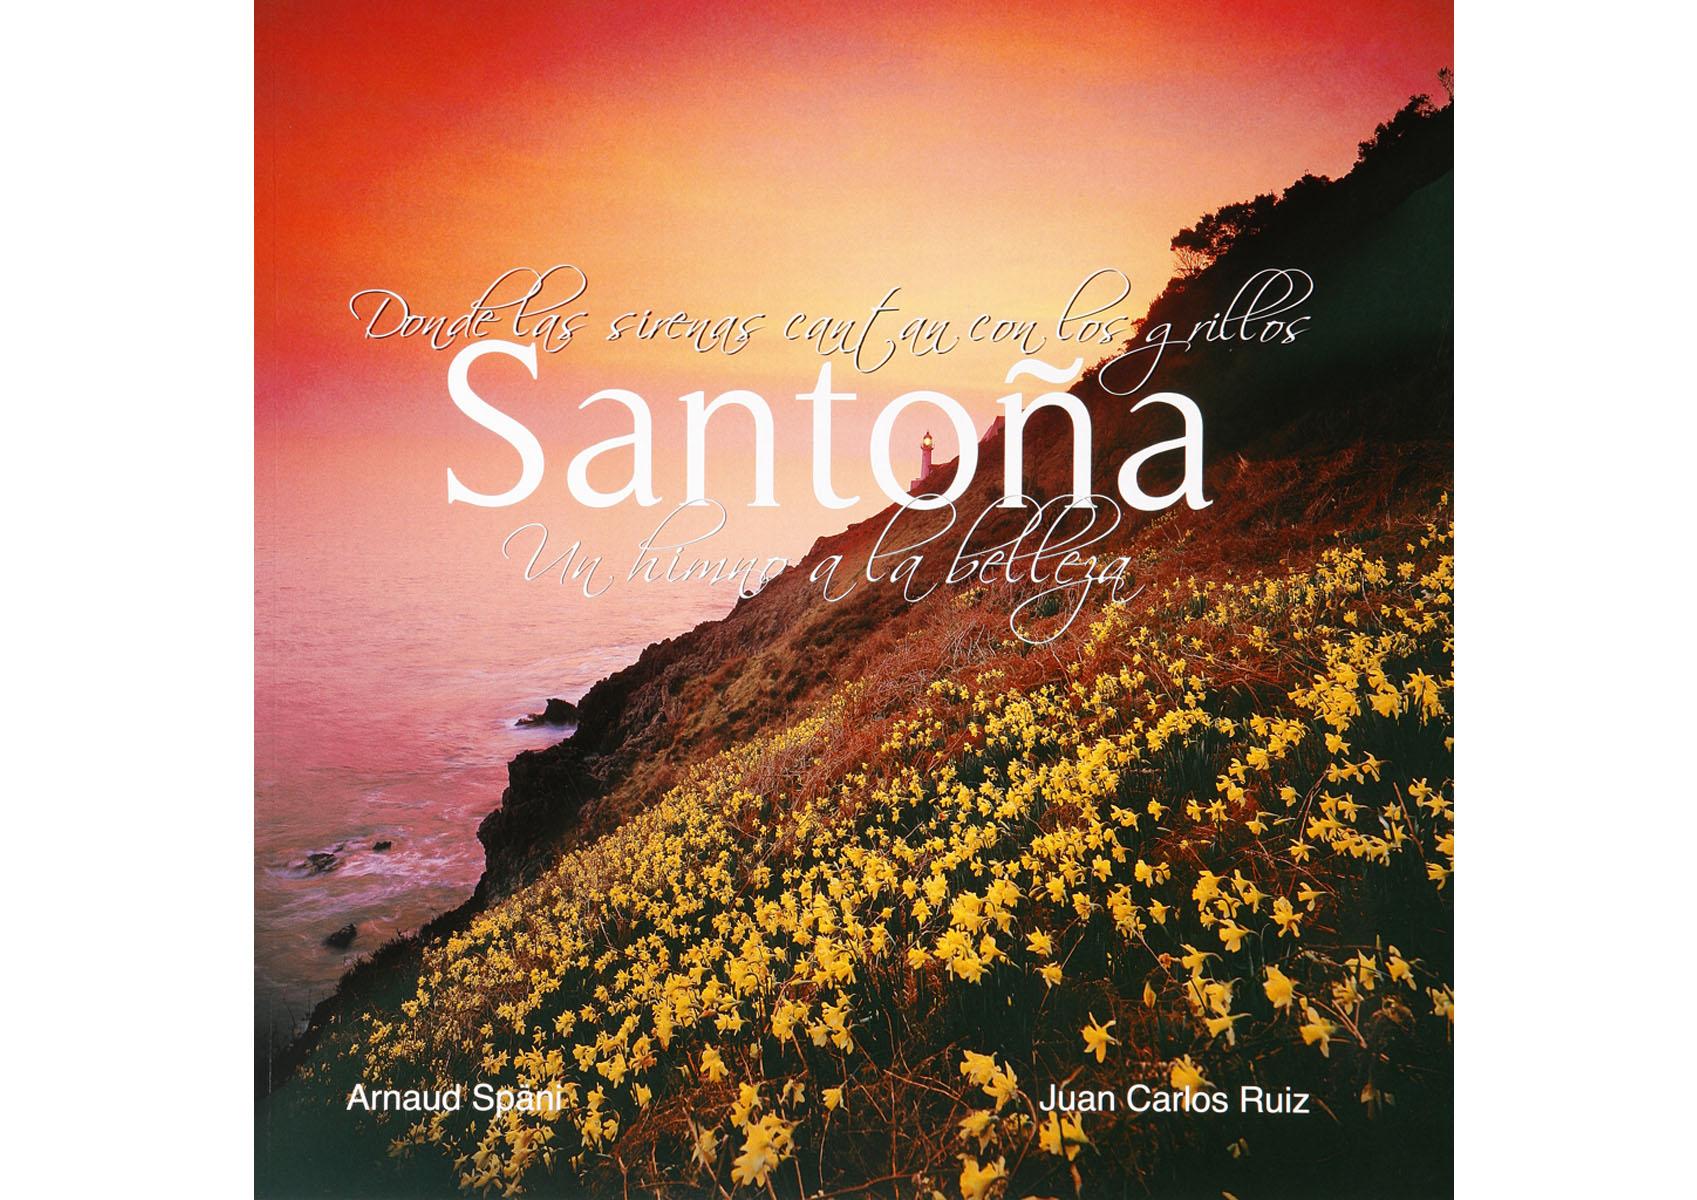 Donde los grillos cantan con las sirenas un himno a la belleza, Santoña